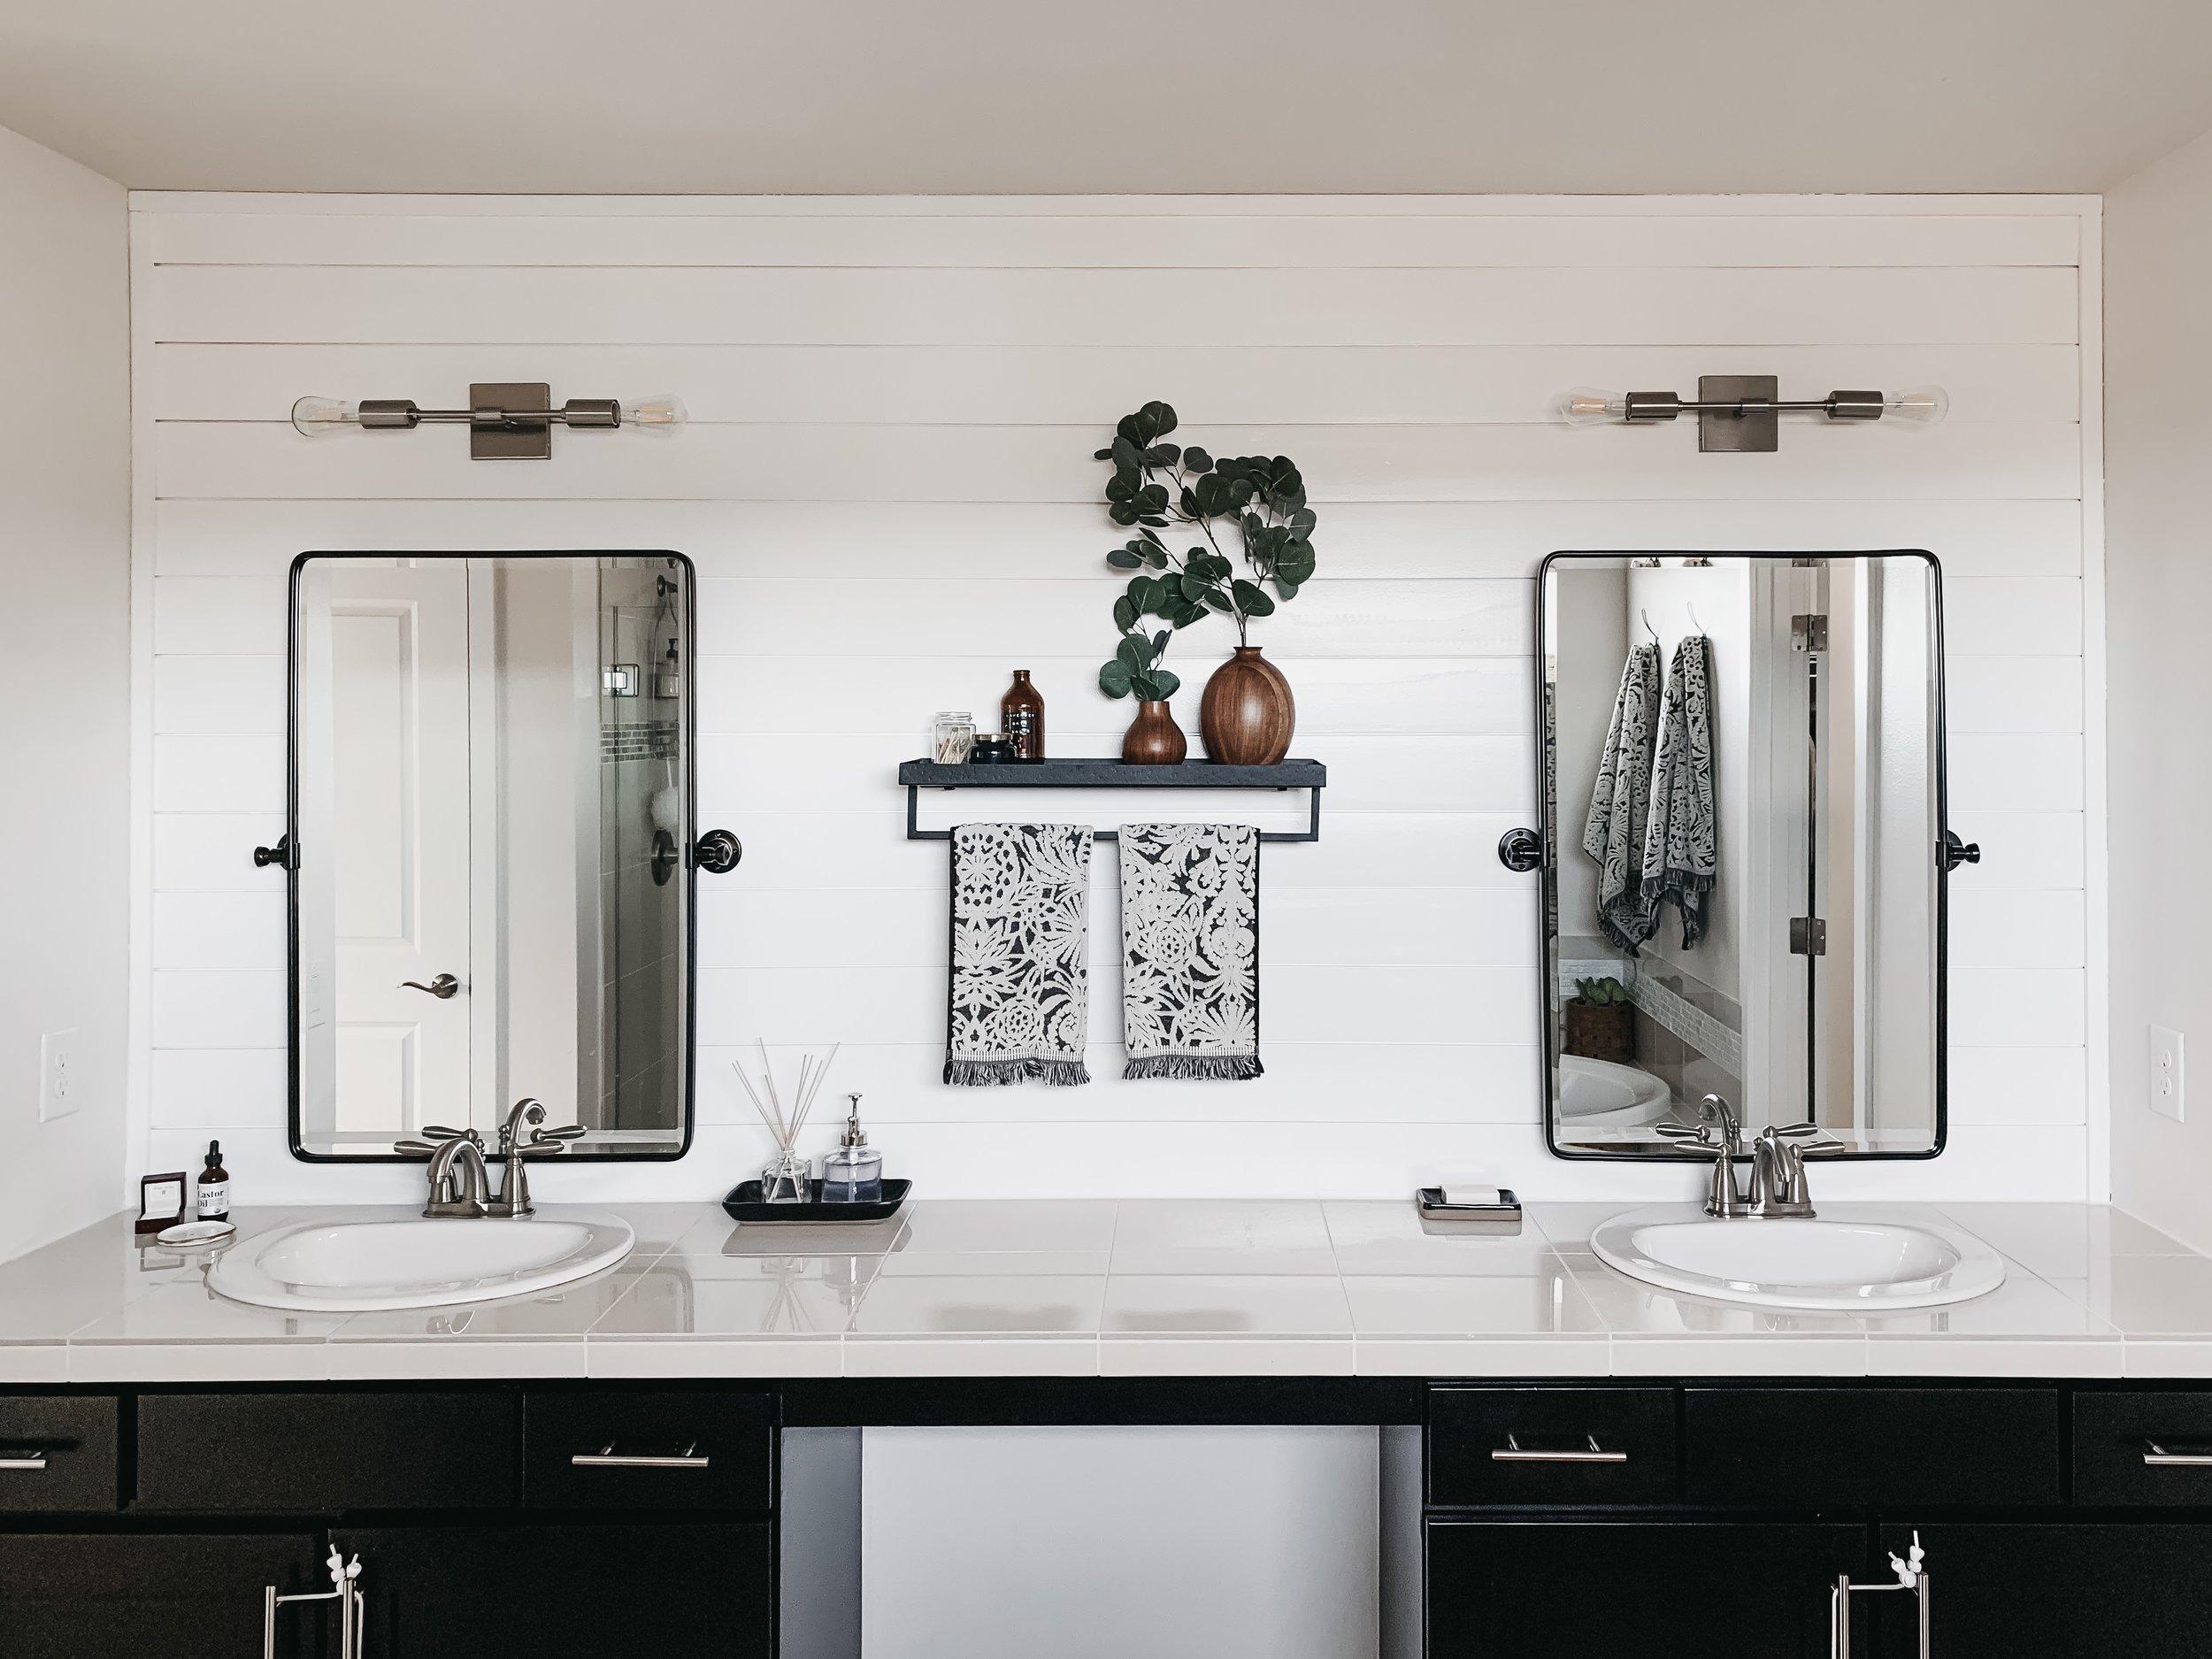 Owners Suite Bathroom Vanity Remodel